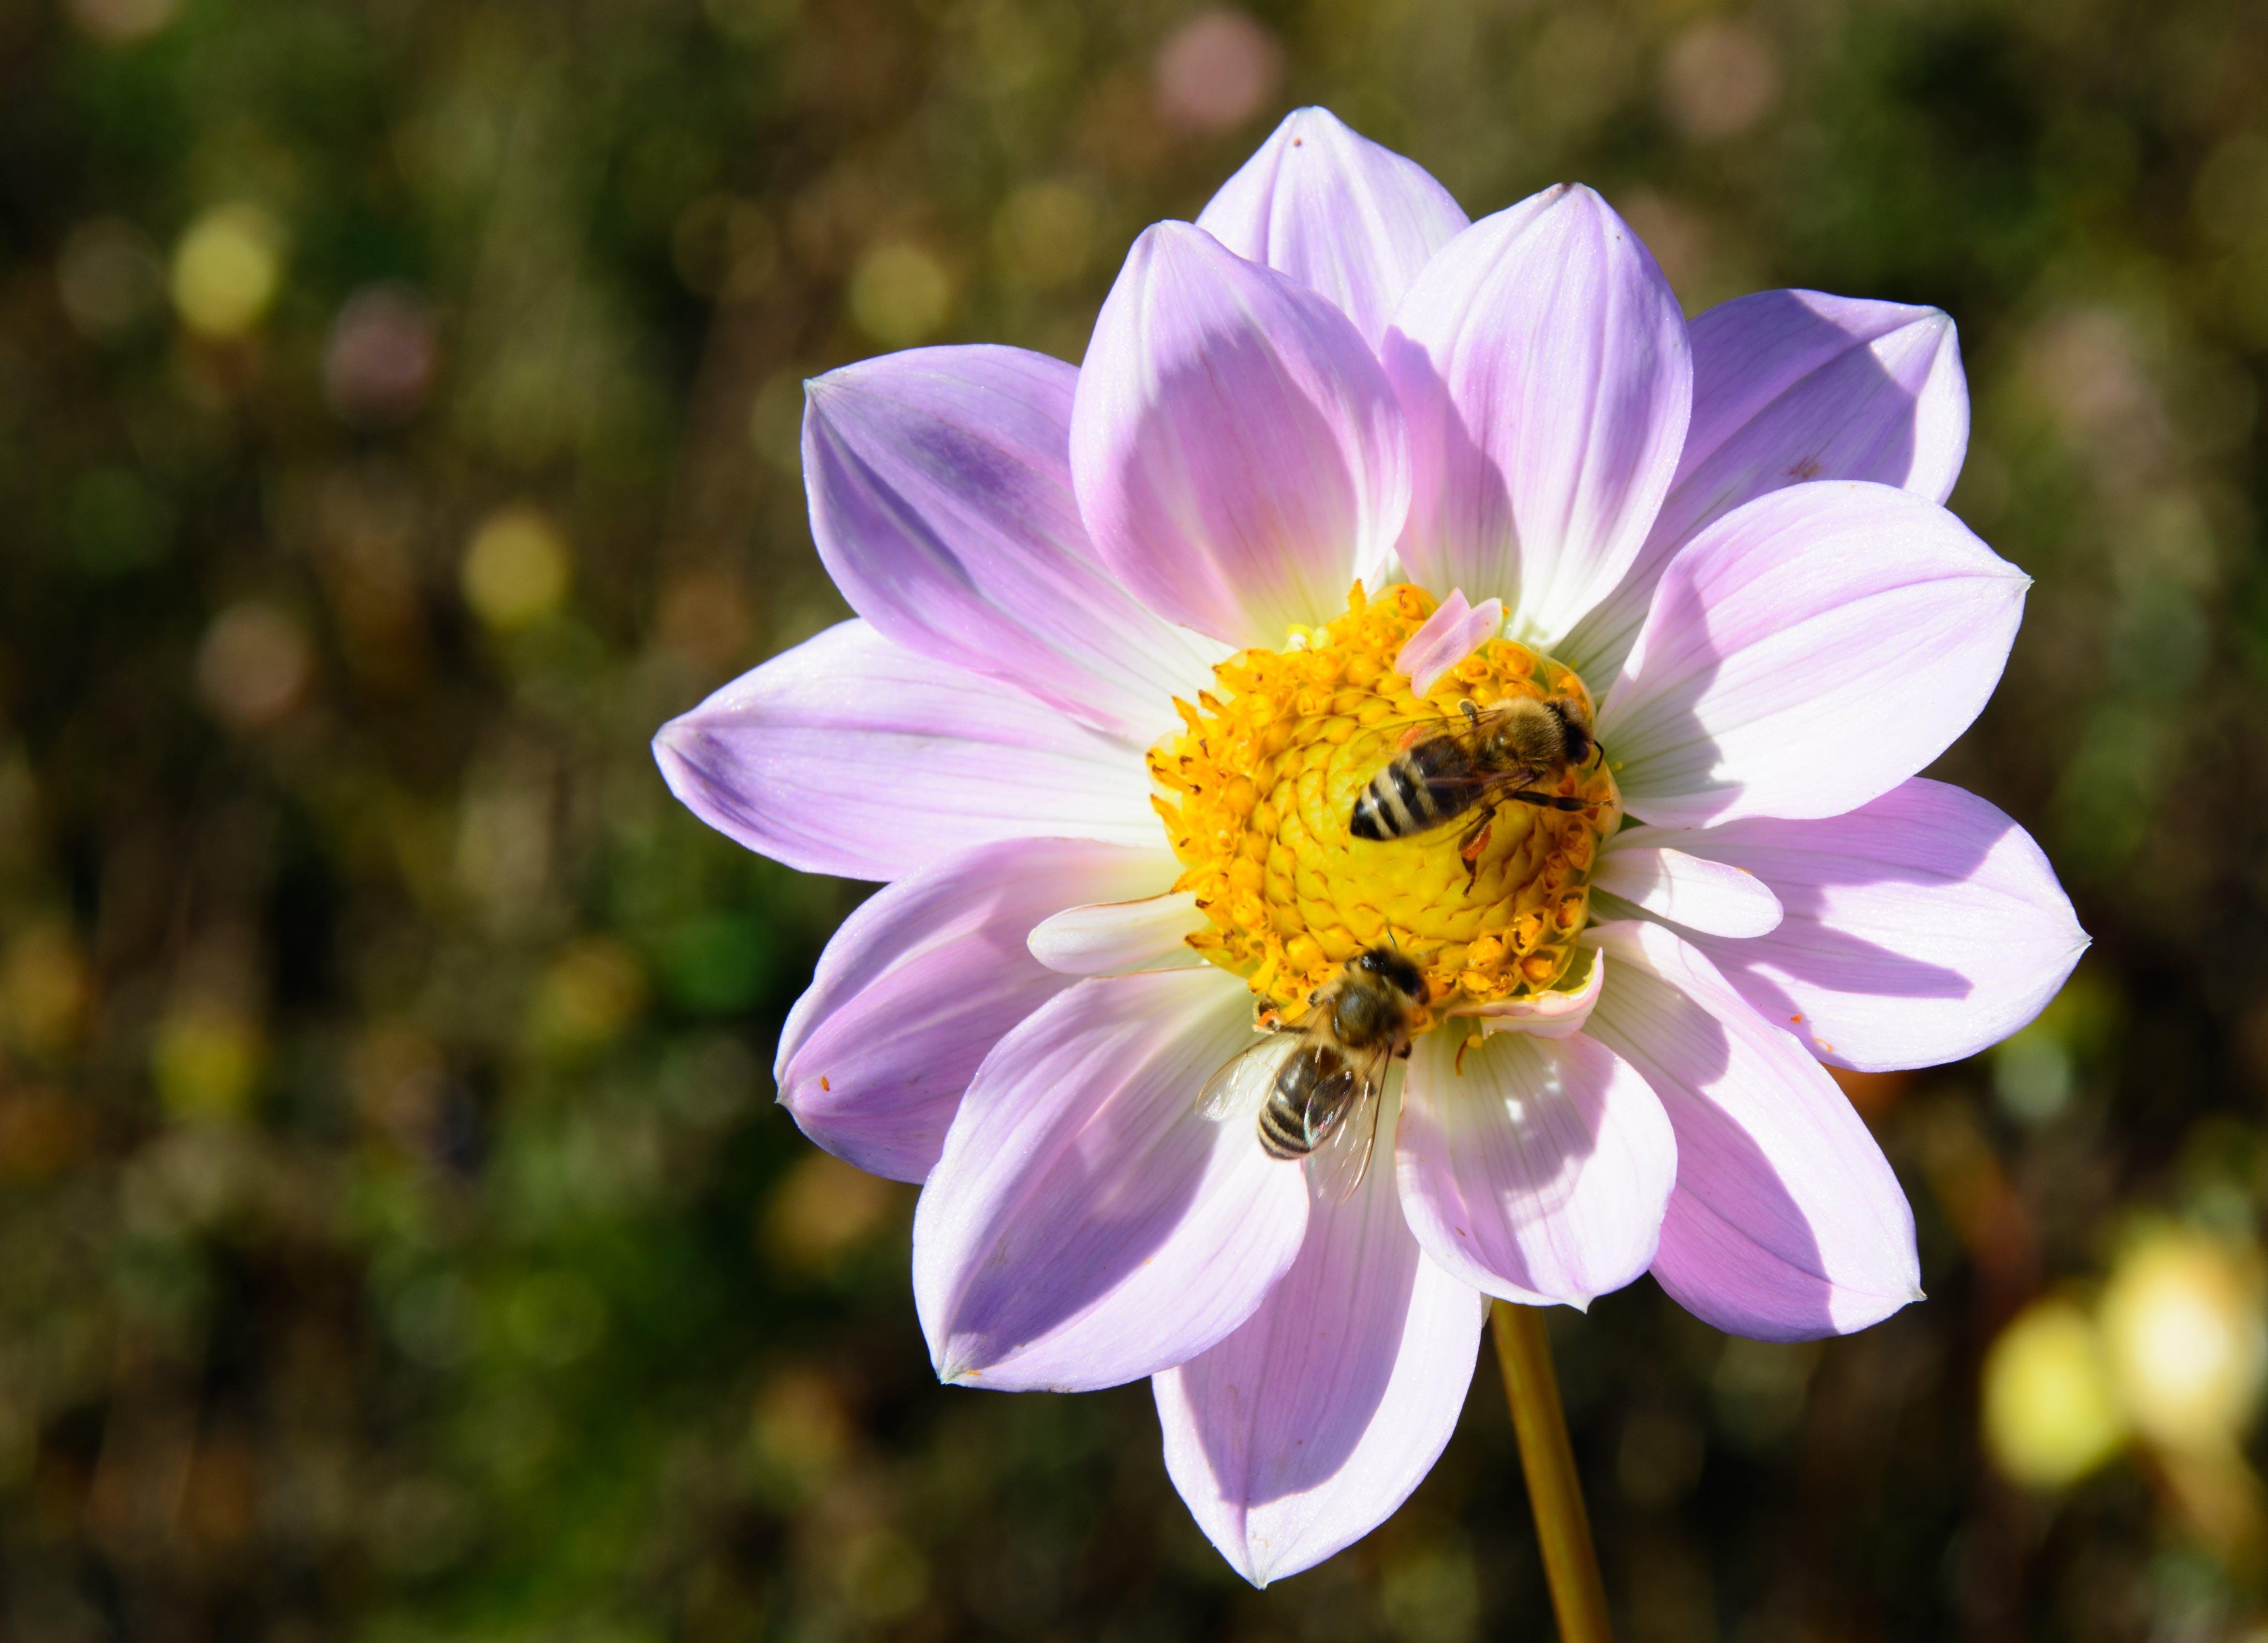 Gratis lagerfoto af bestøvning, bier, blomst, dahlia